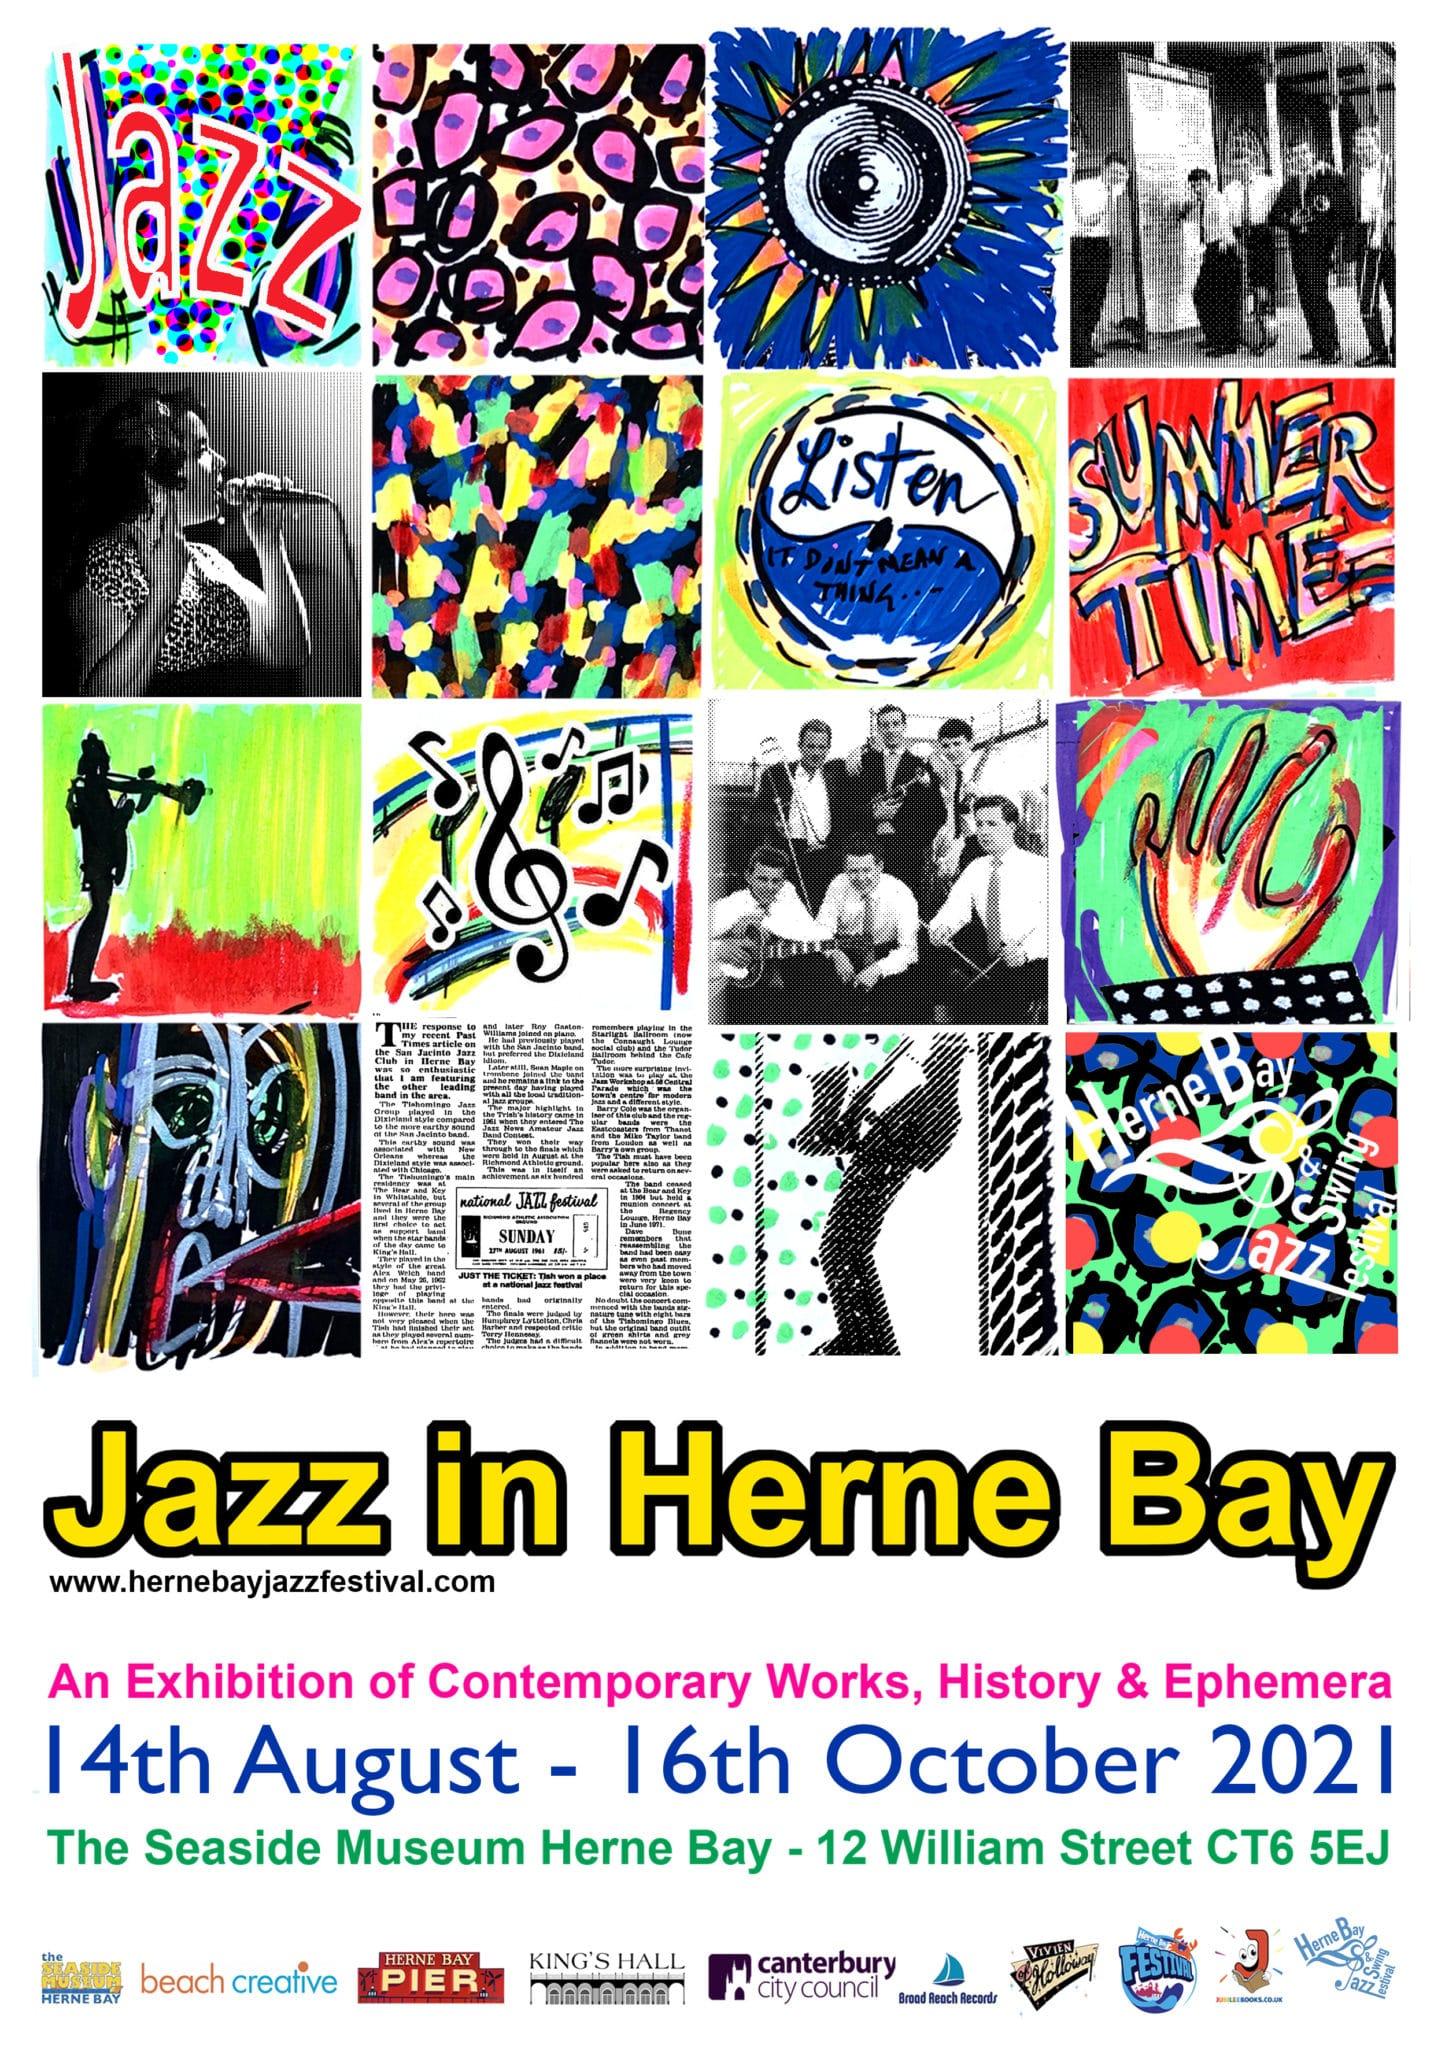 Jazz in Herne Bay Exhibition